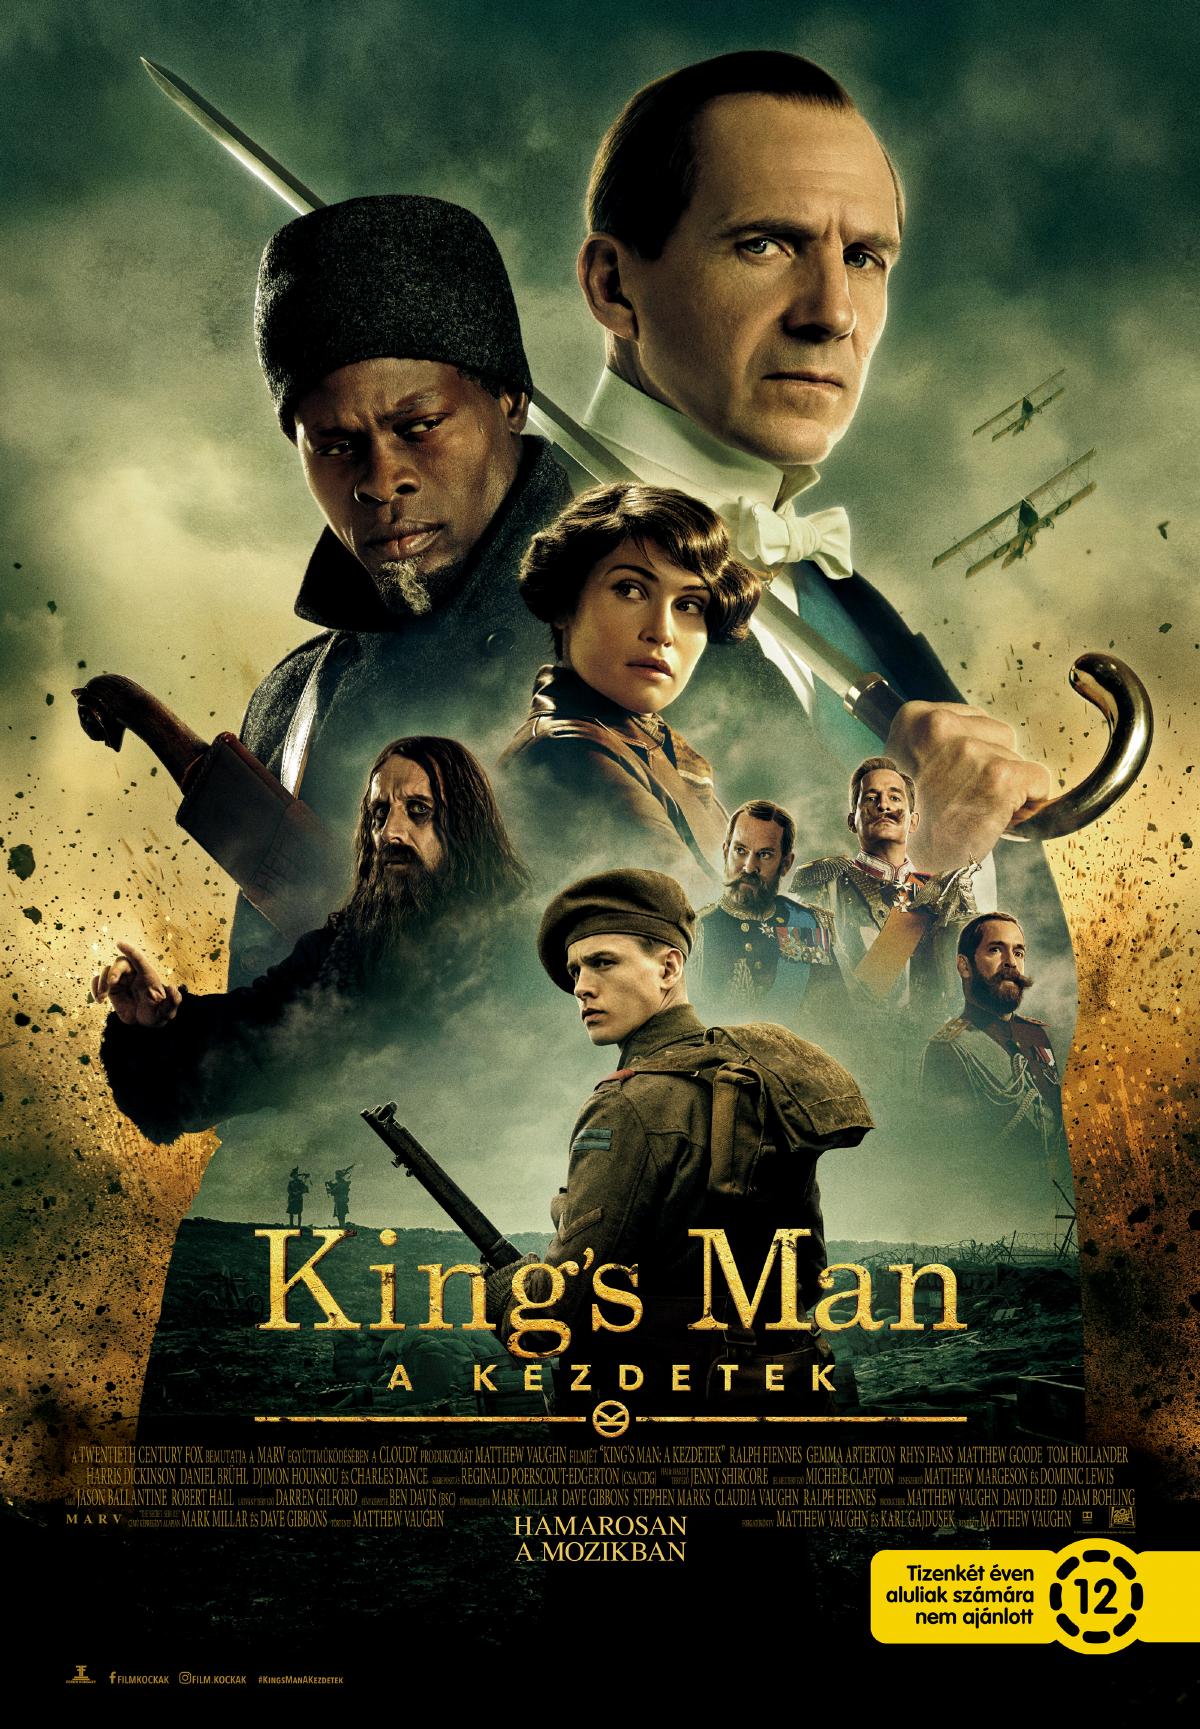 King's Man: A kezdetek (The King's Man) - 2. magyar előzetes + plakátok -  DVDNEWS